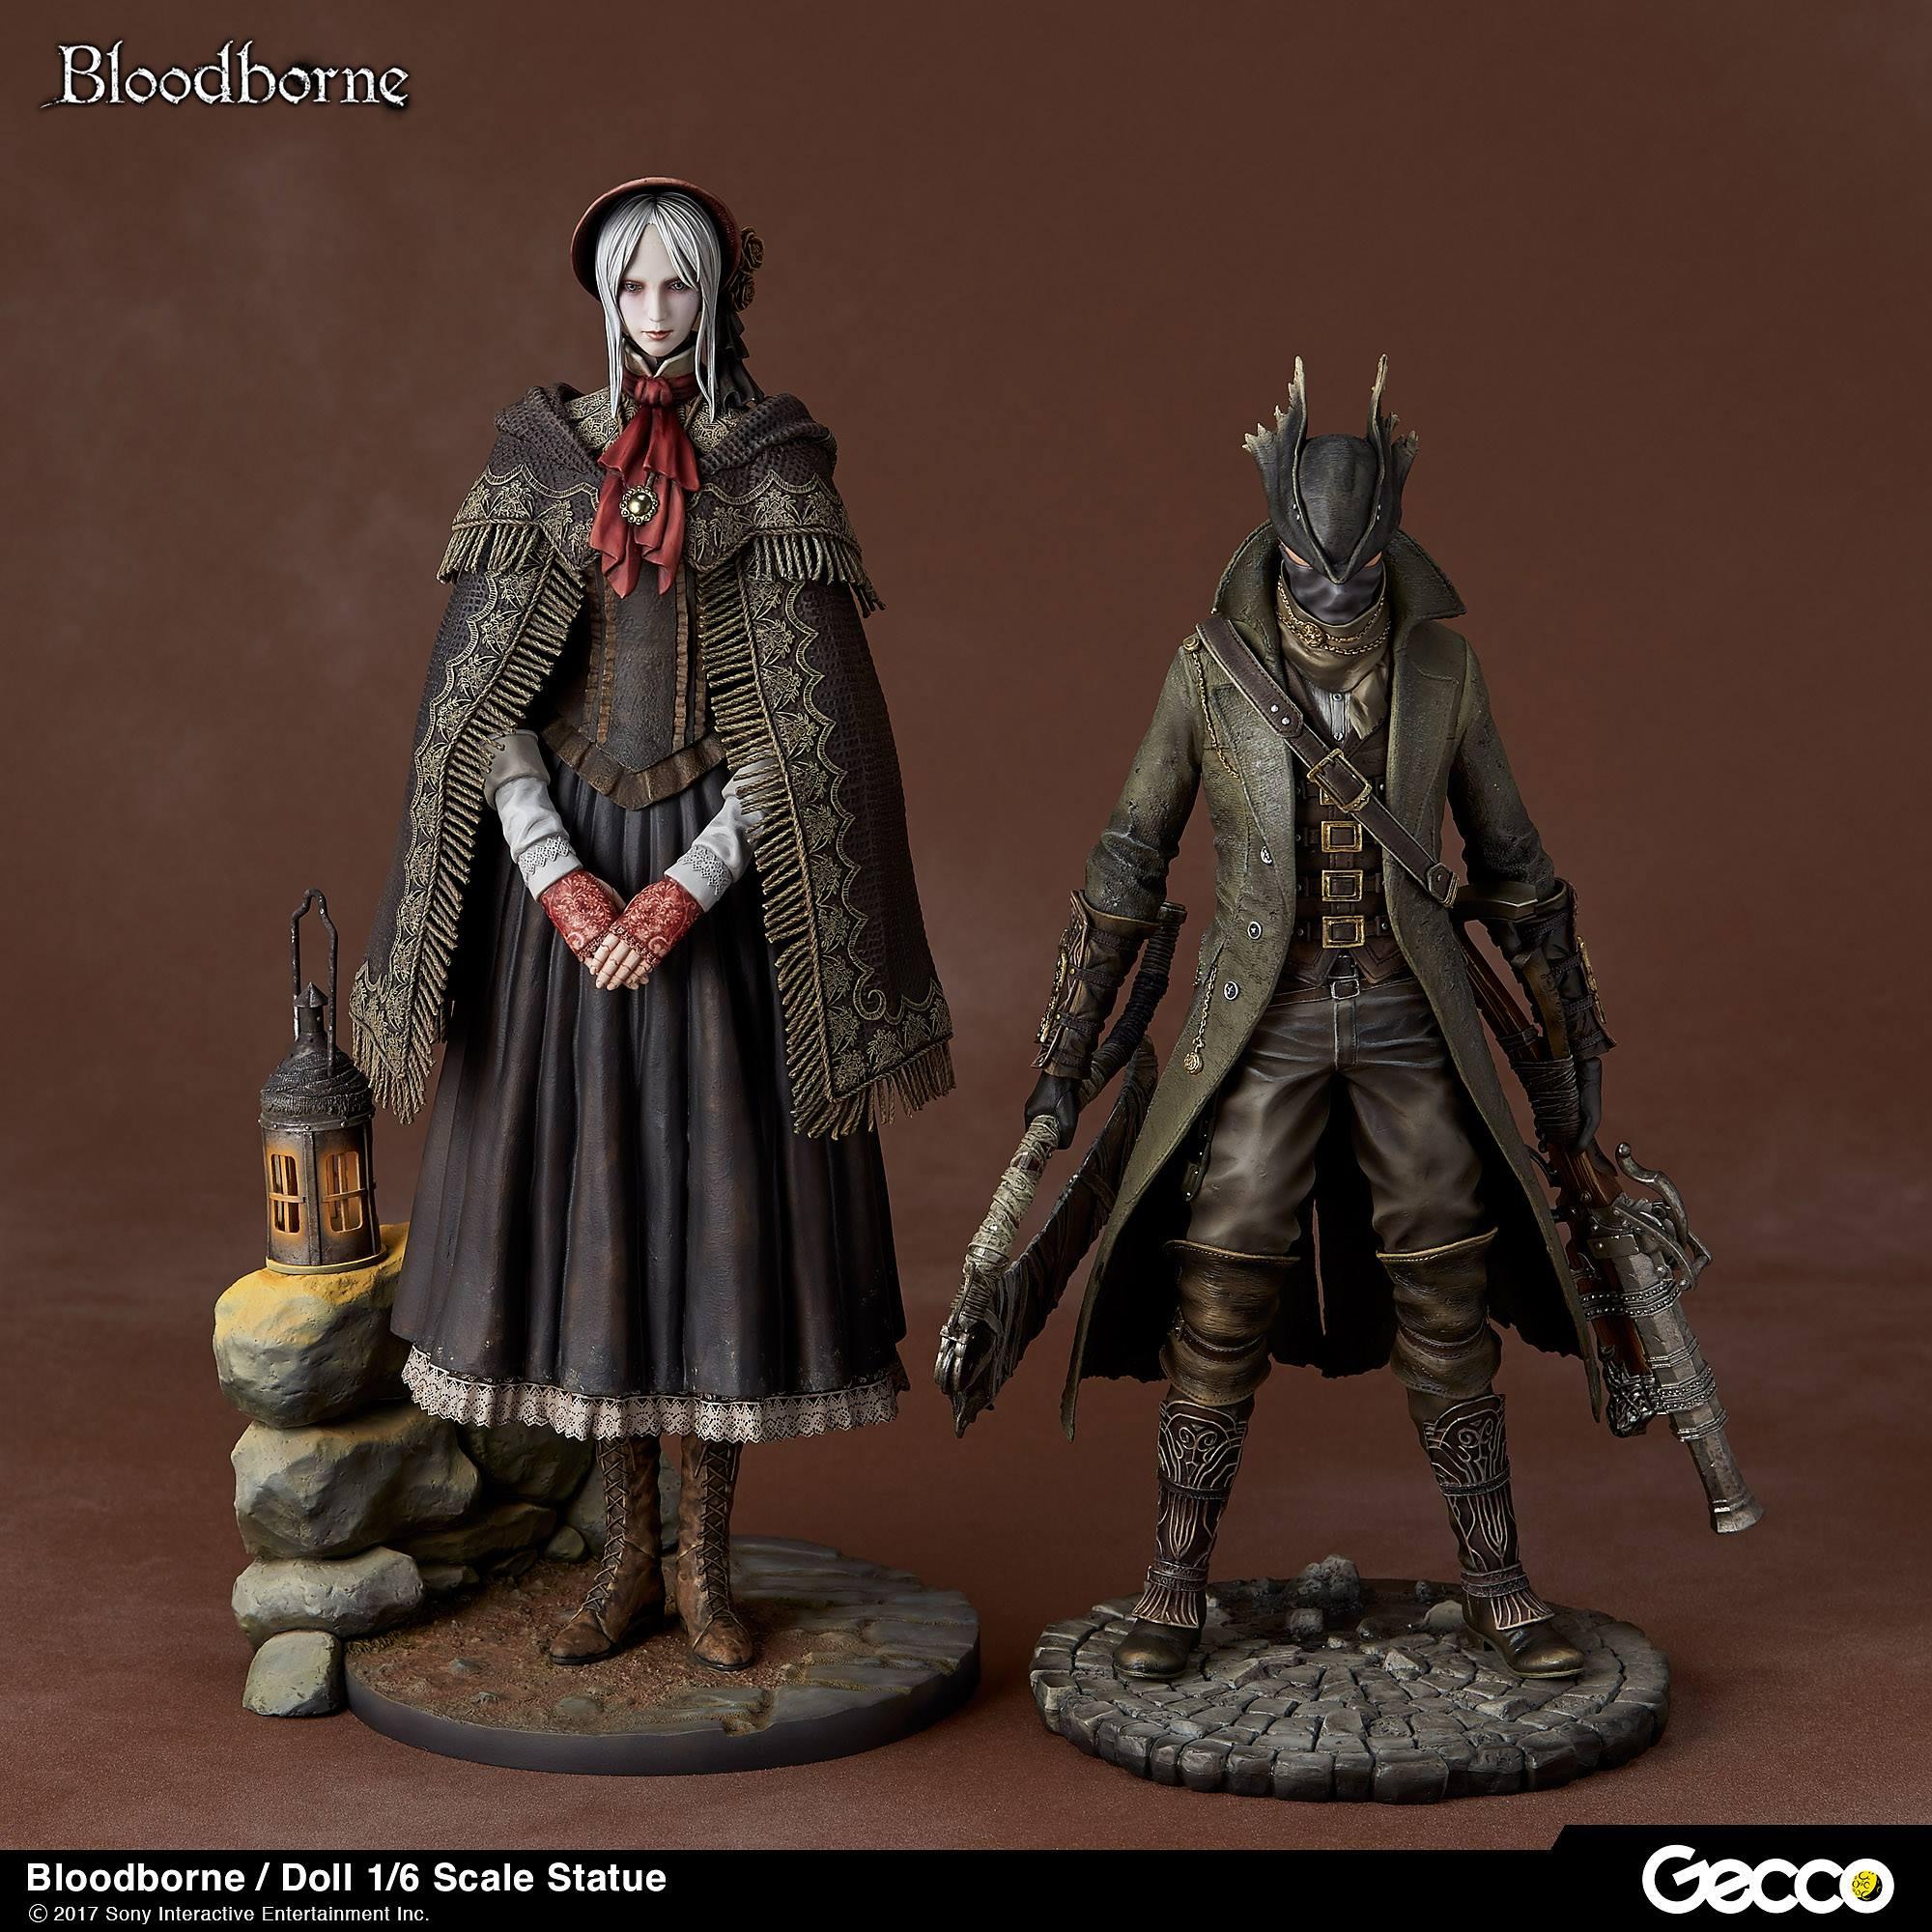 bloodborne_doll_gecco_11